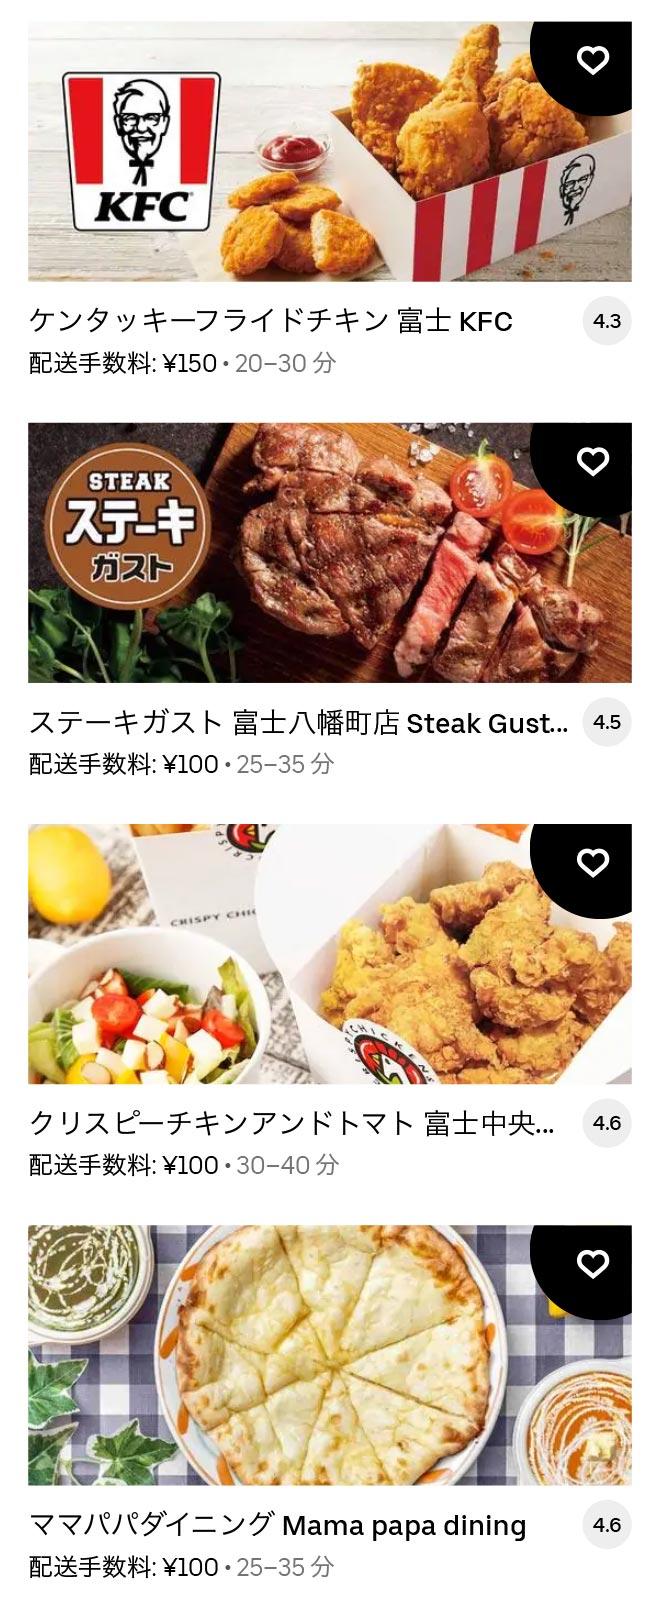 U fuji menu 2104 01